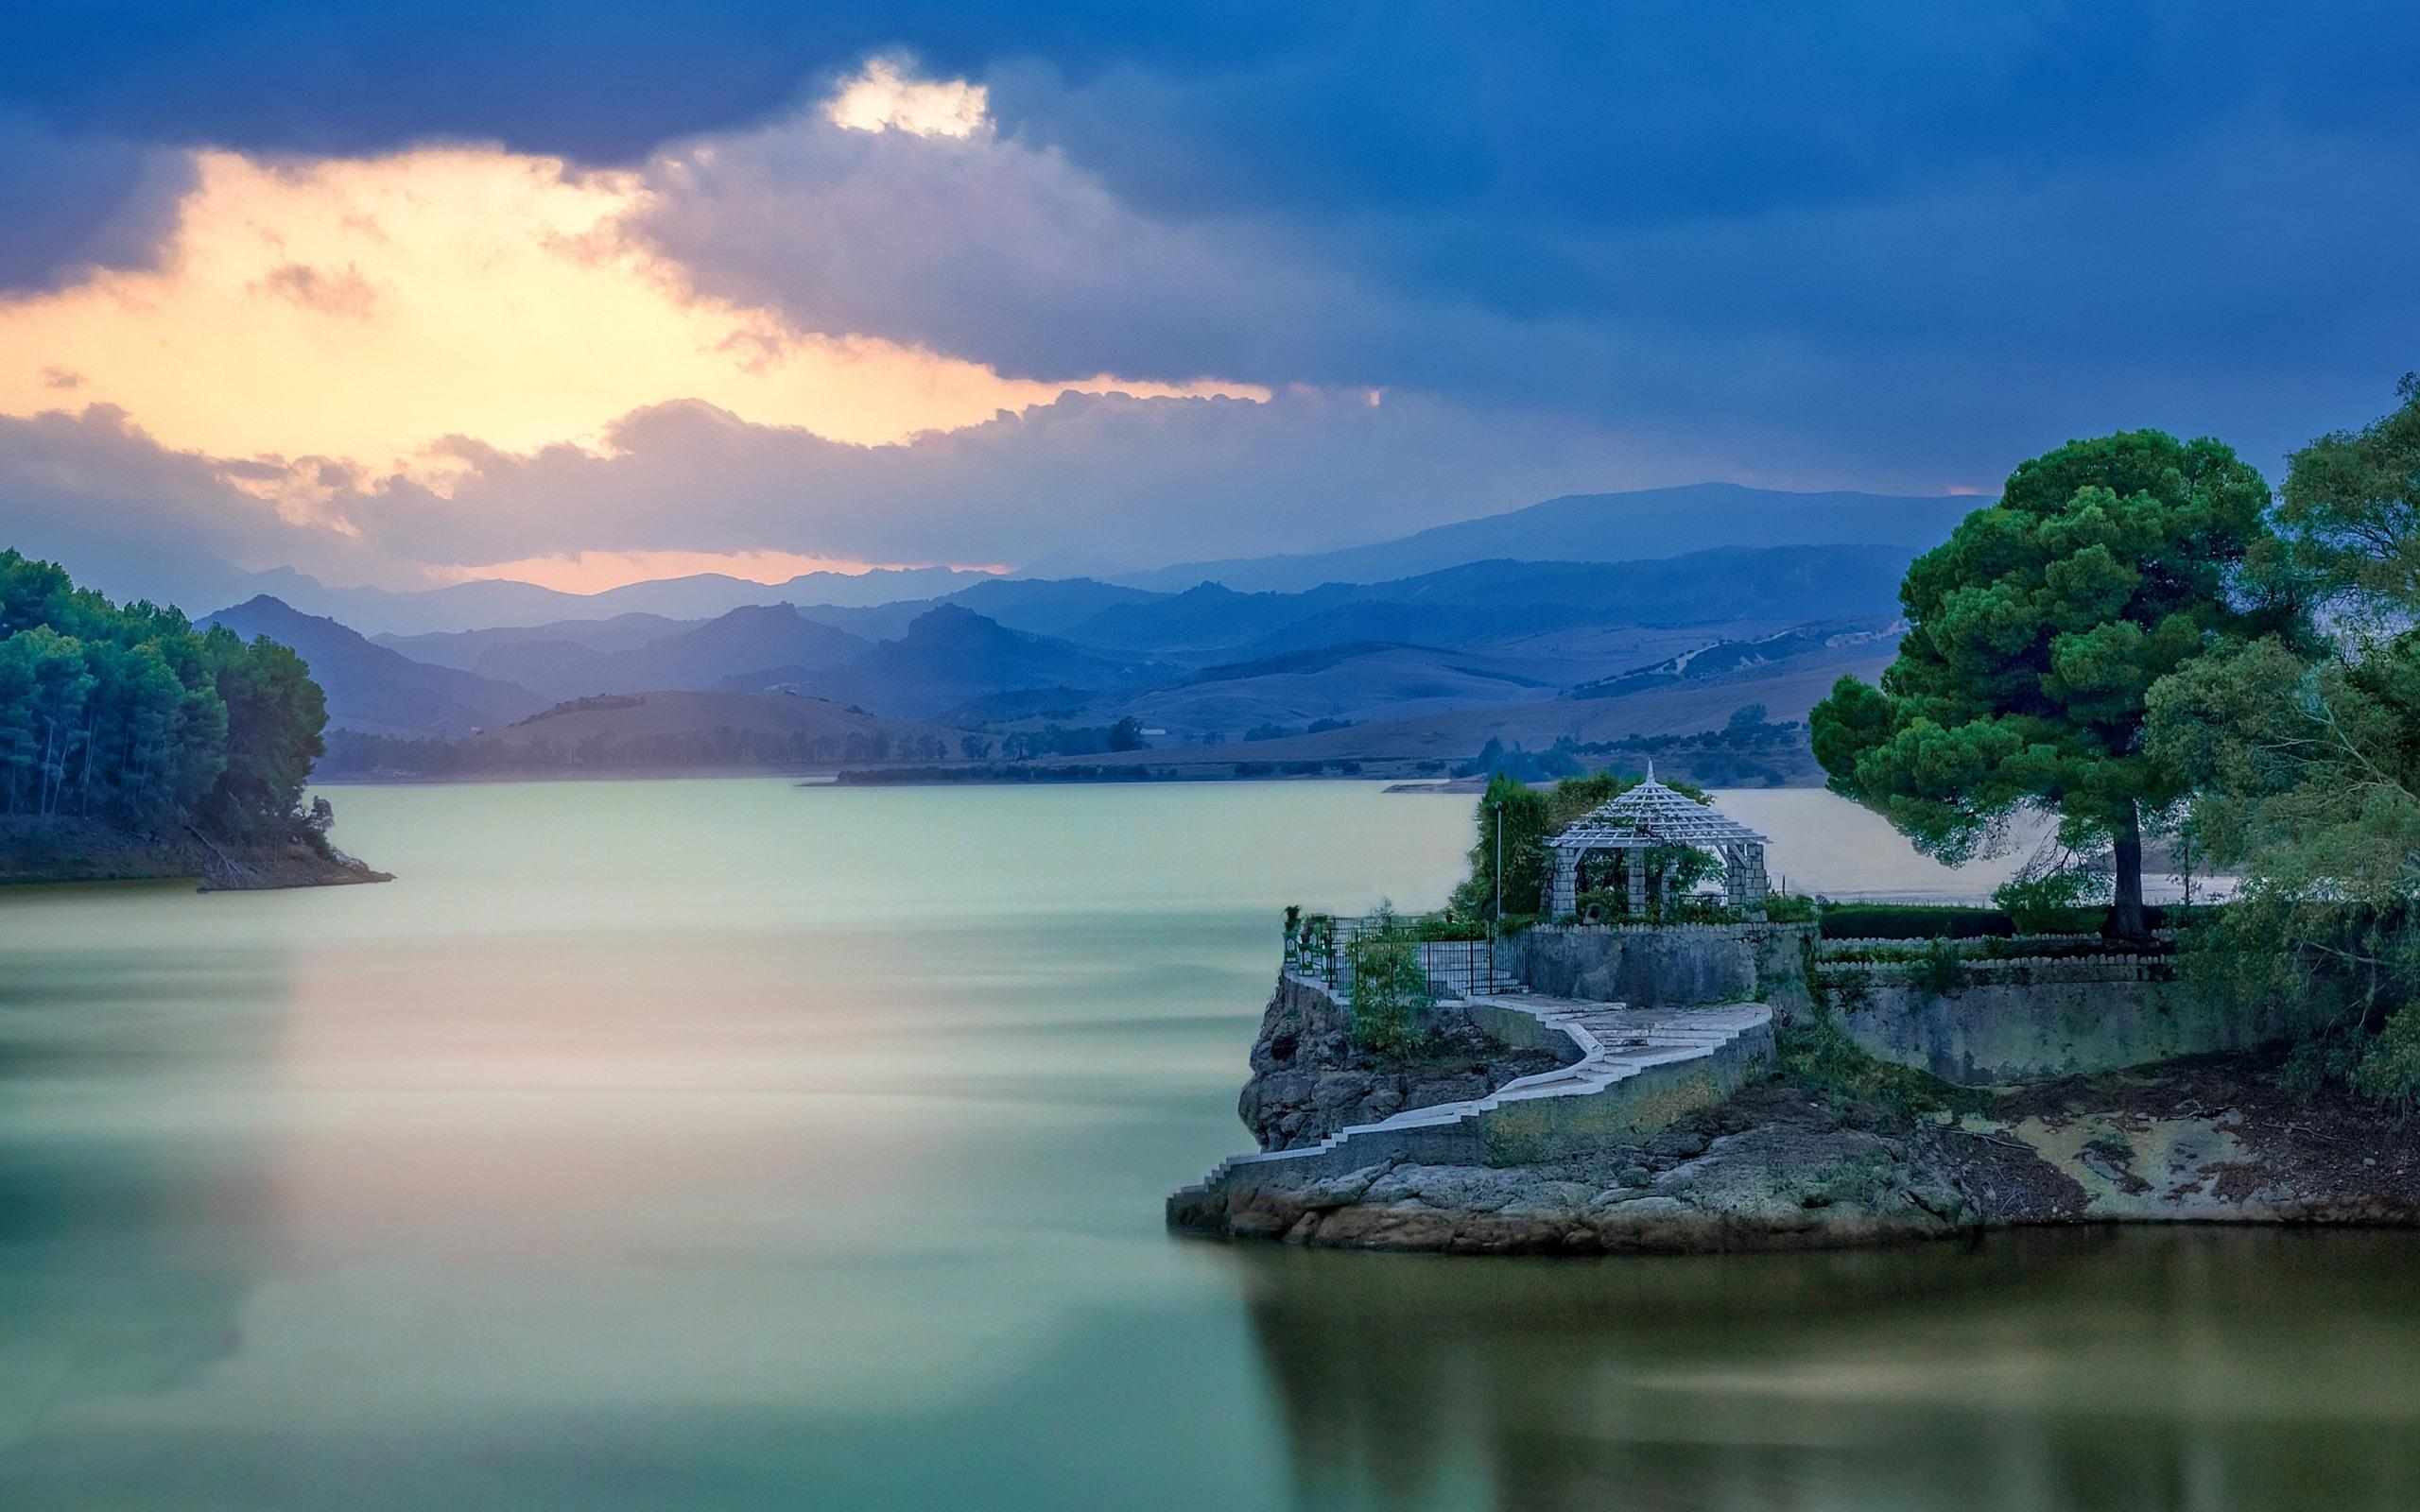 Fonds Décran Espagne Malaga Belvédère Montagne Lac